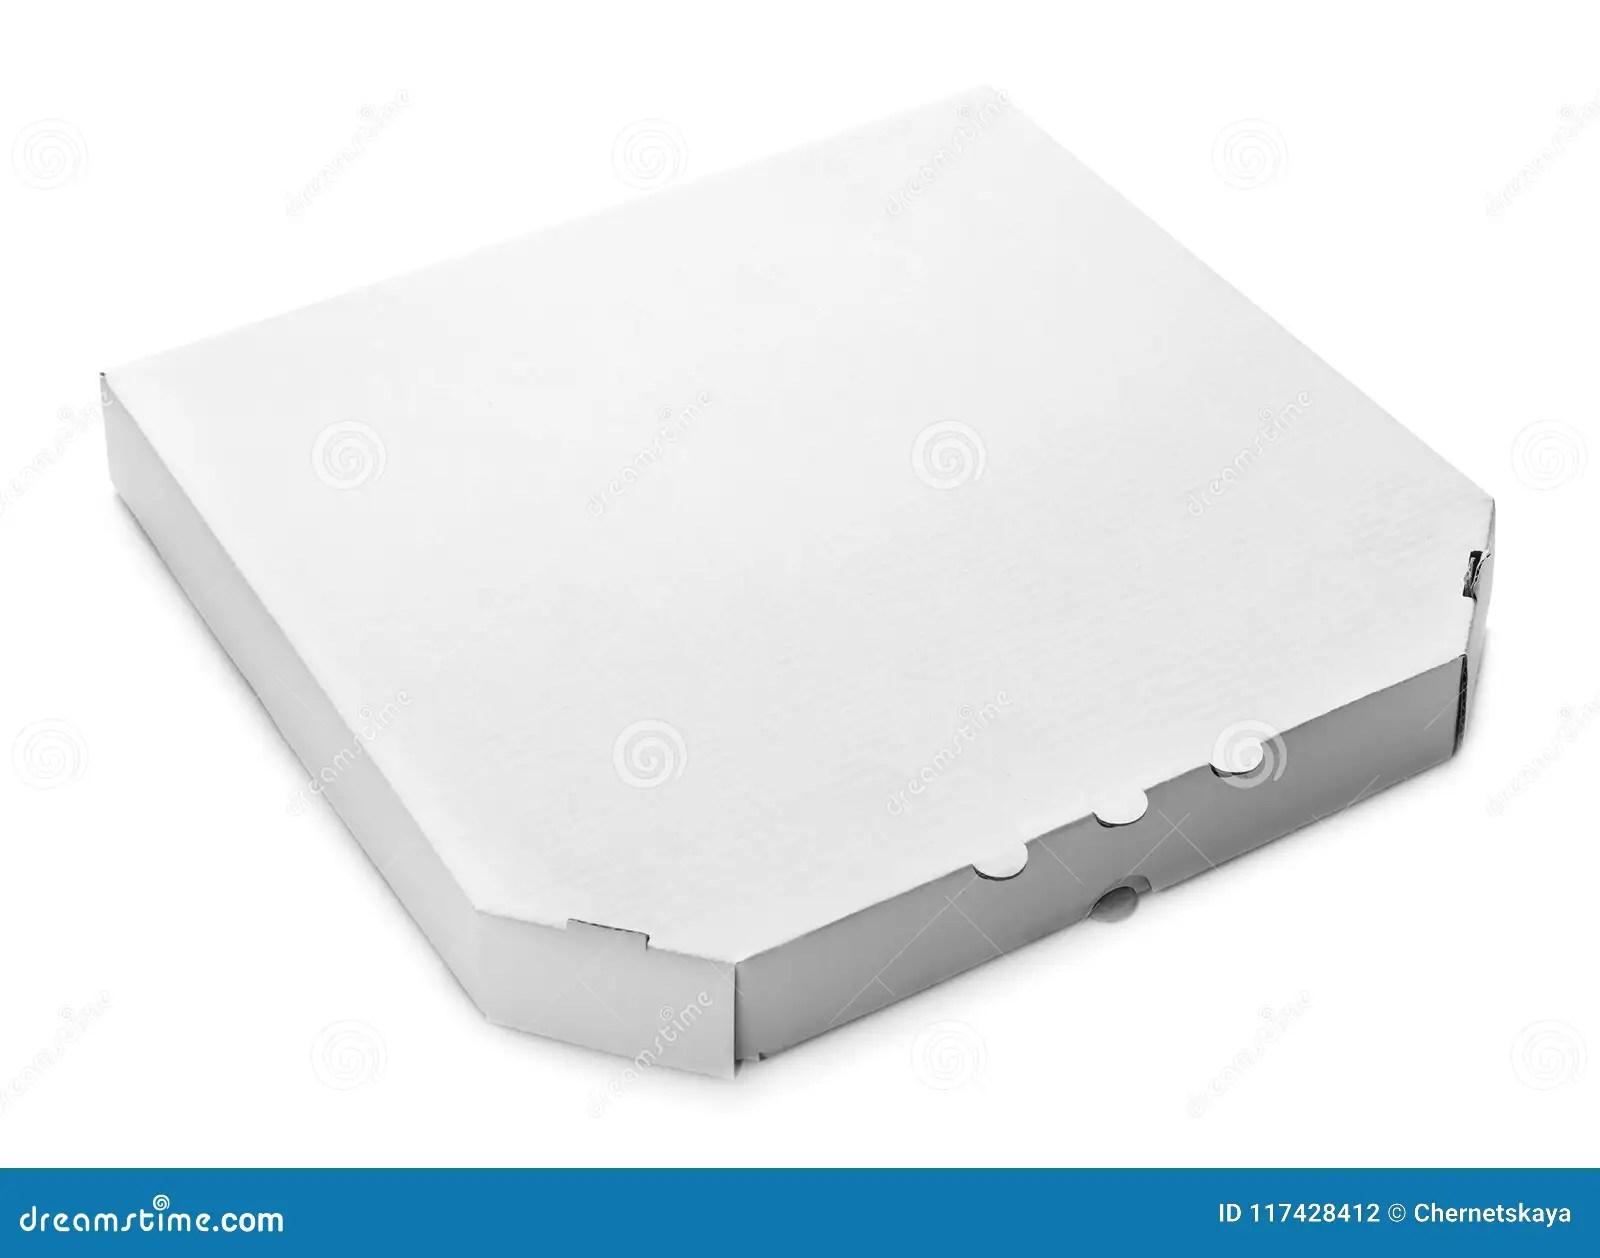 mockup of cardboard pizza